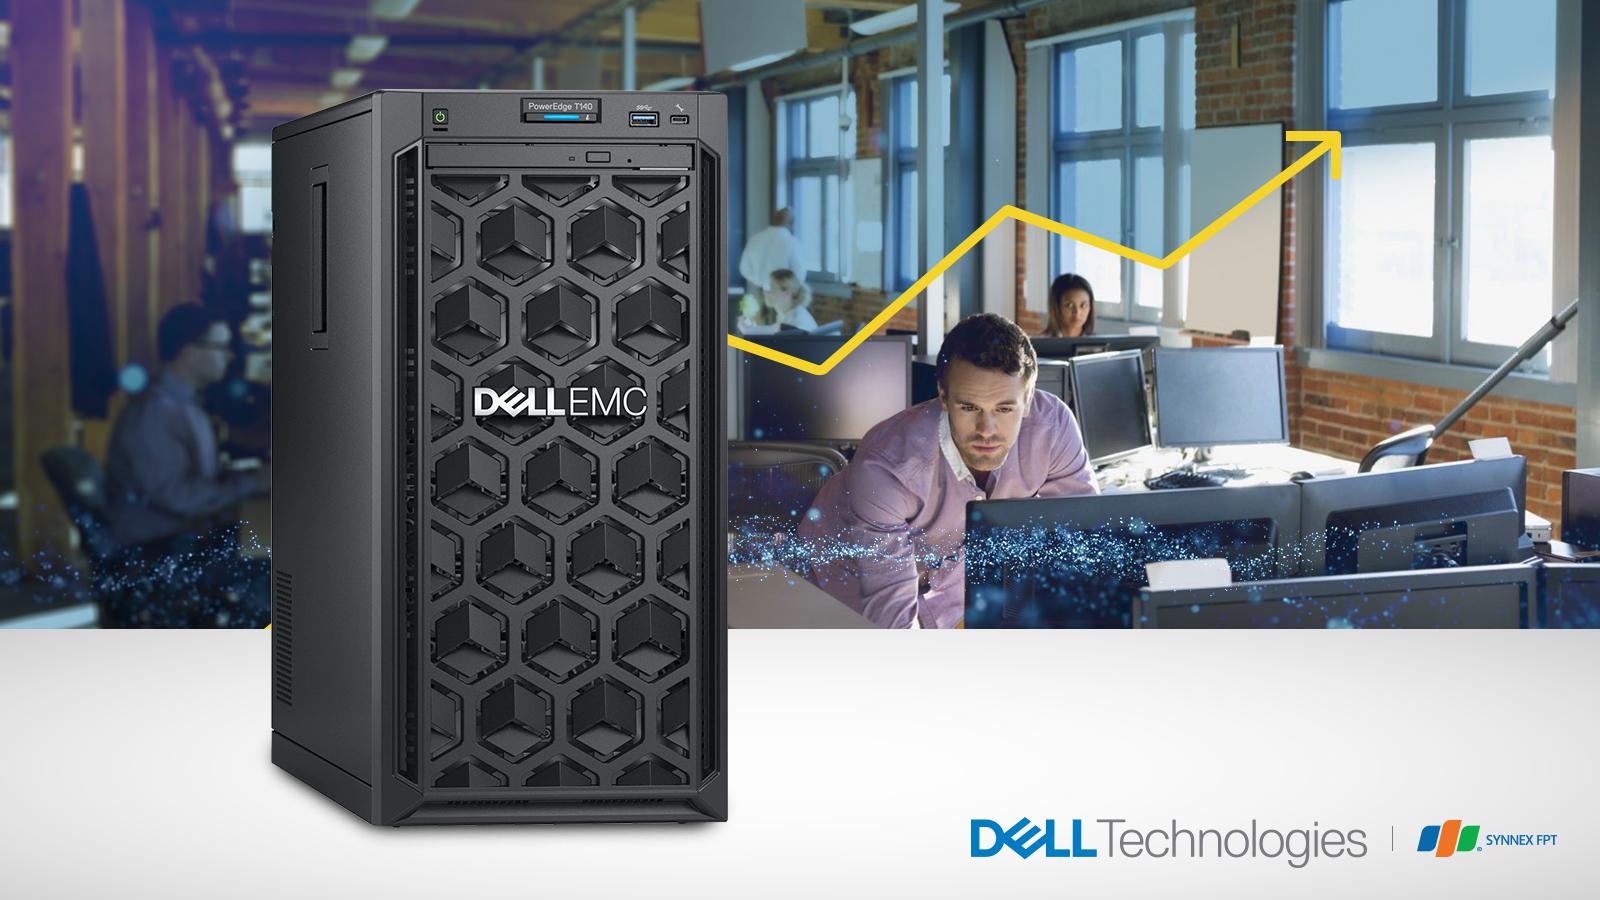 Máy chủ DellEMC PowerEdge T140 - Máy chủ đa năng tầm trung mạnh mẽ